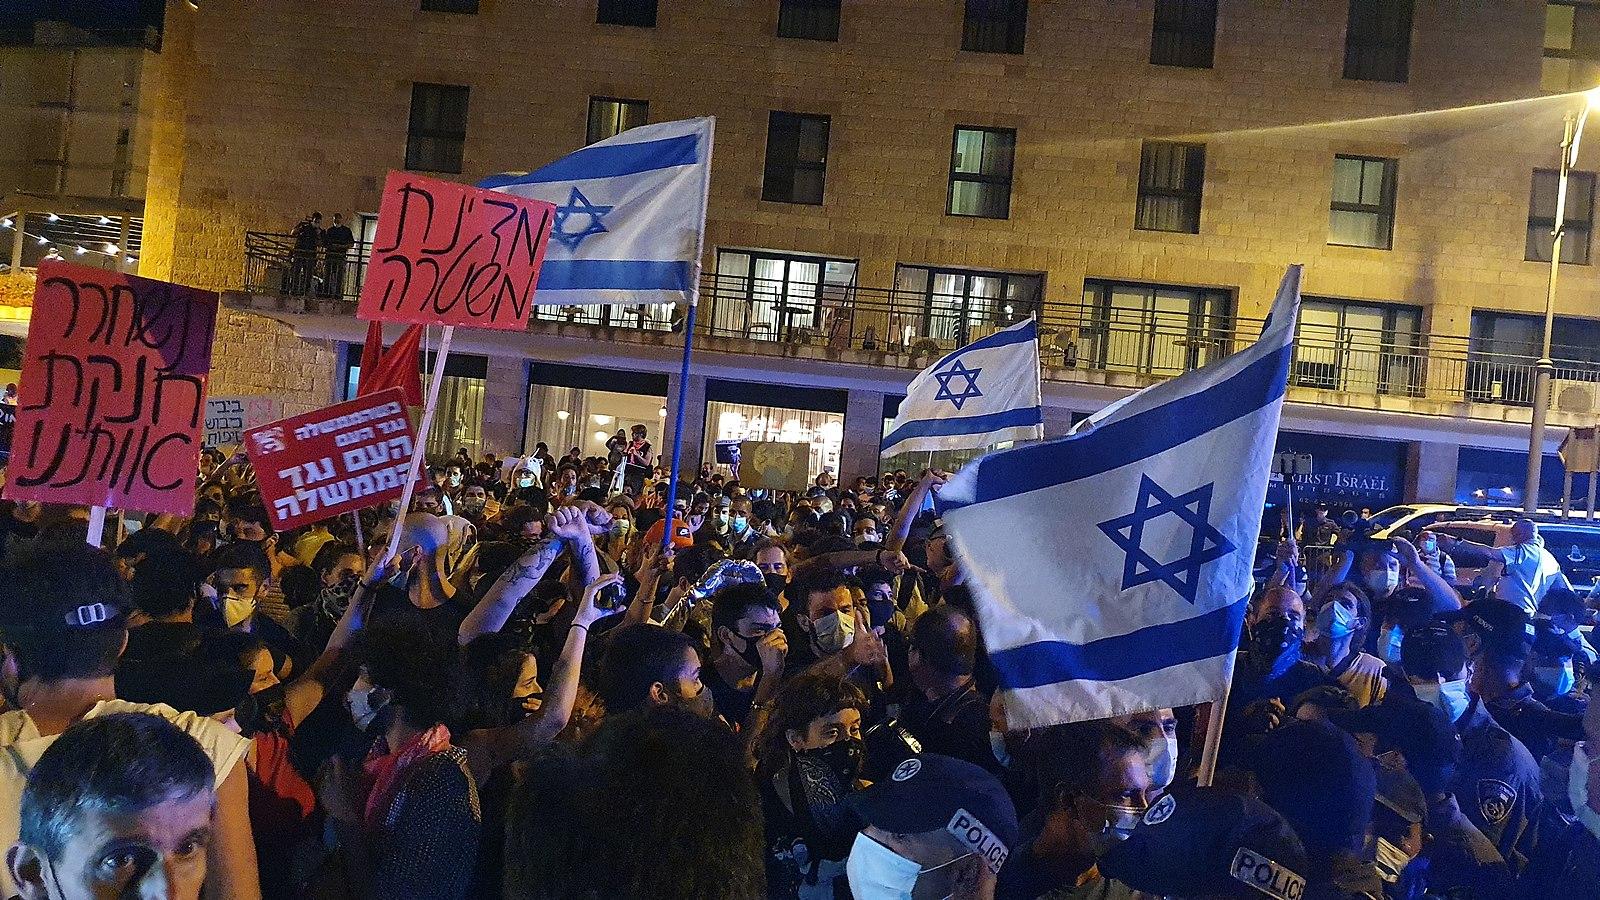 Fotografia dos protestos contra o Primeiro-Ministro de Israel, Benjamin Netanyahu, em Jerusalém, em Agosto de 2020. Wikimedia Commons